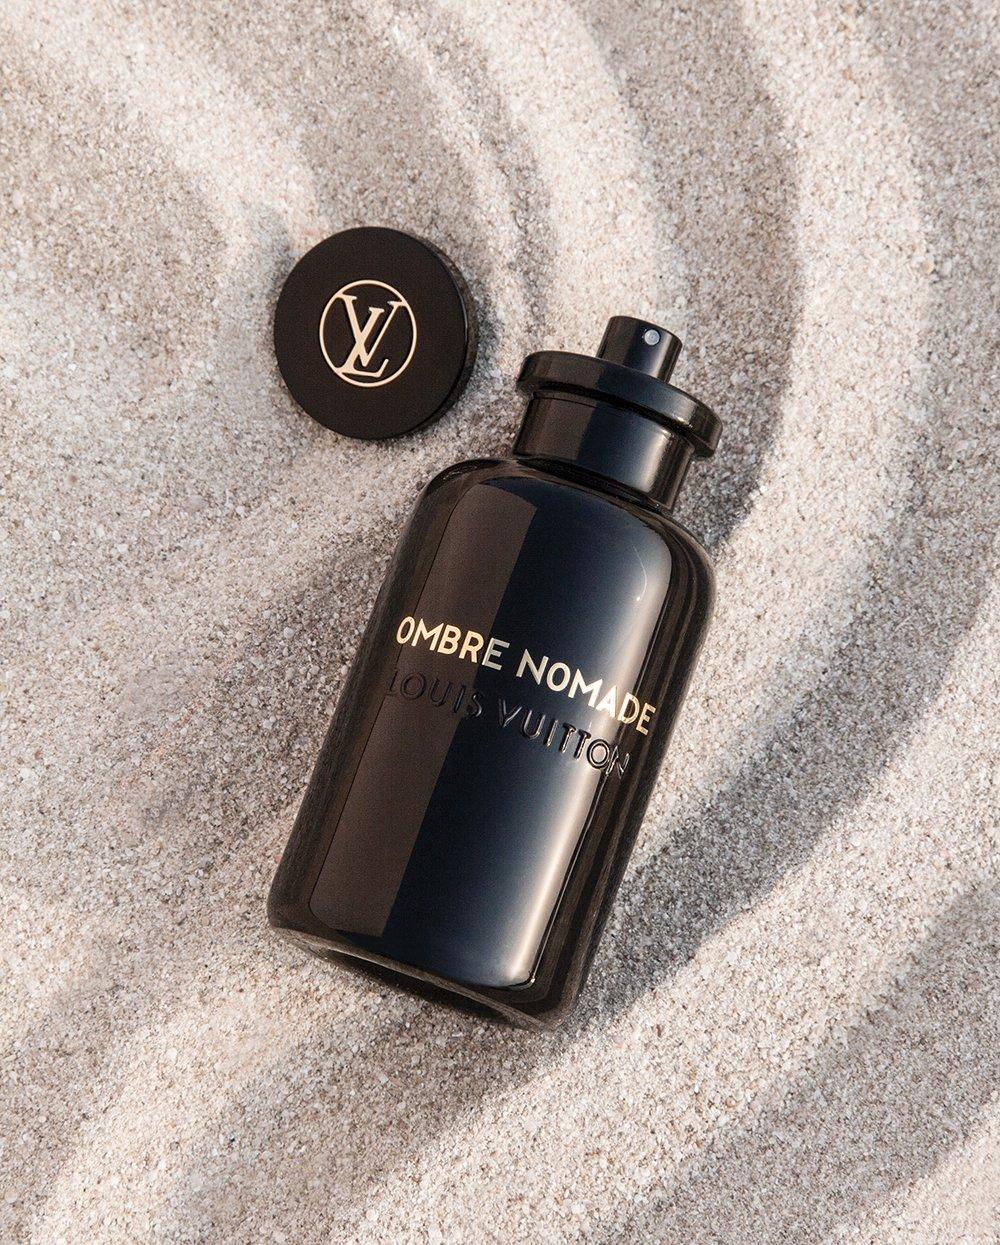 جلسة تصوير خاصة بمجموعة Les Parfums من Louis Vuitton